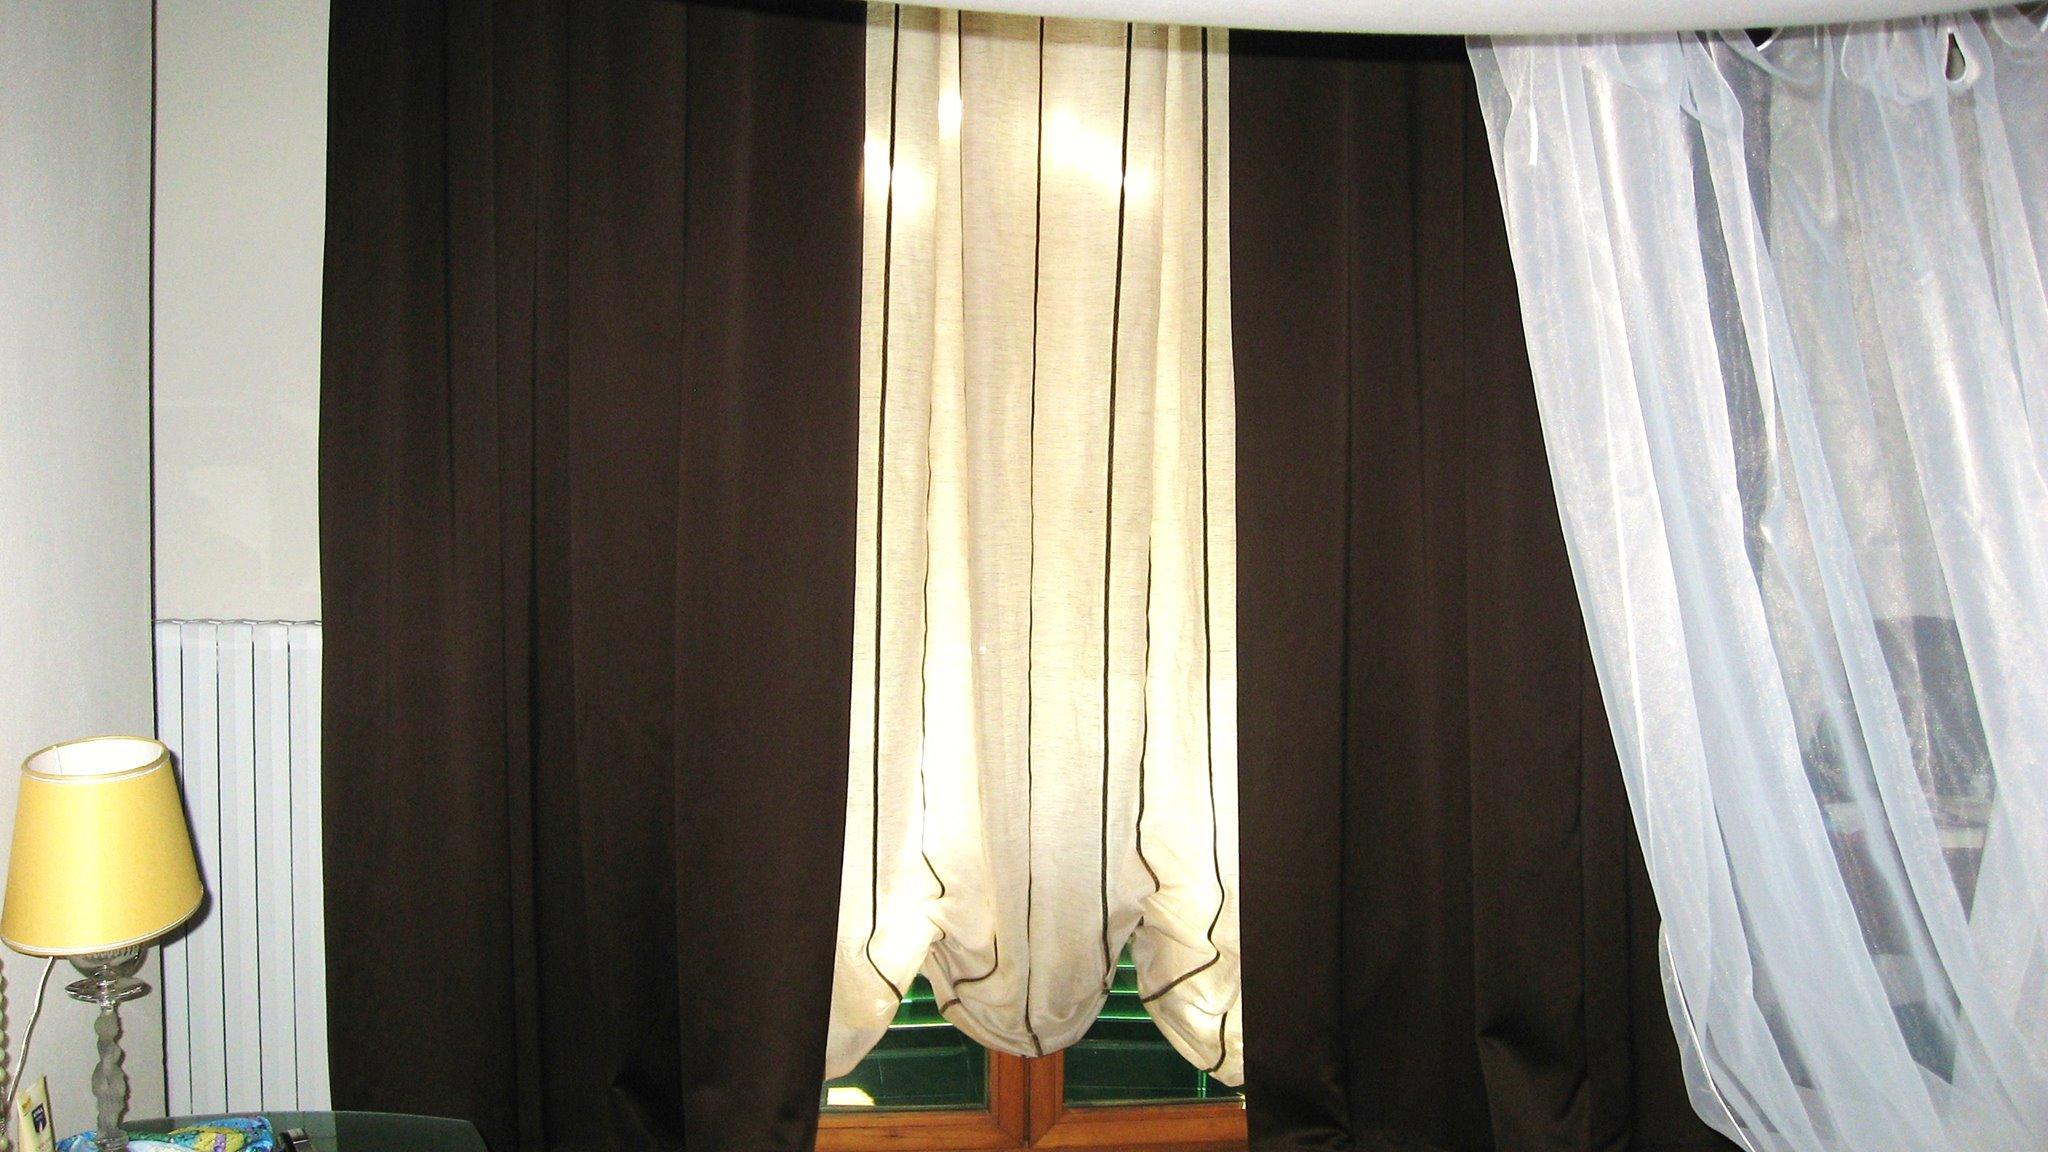 tenda a pacchetto a bombolino in lino e tenda oscurante in raso su bastone in ferro battuto